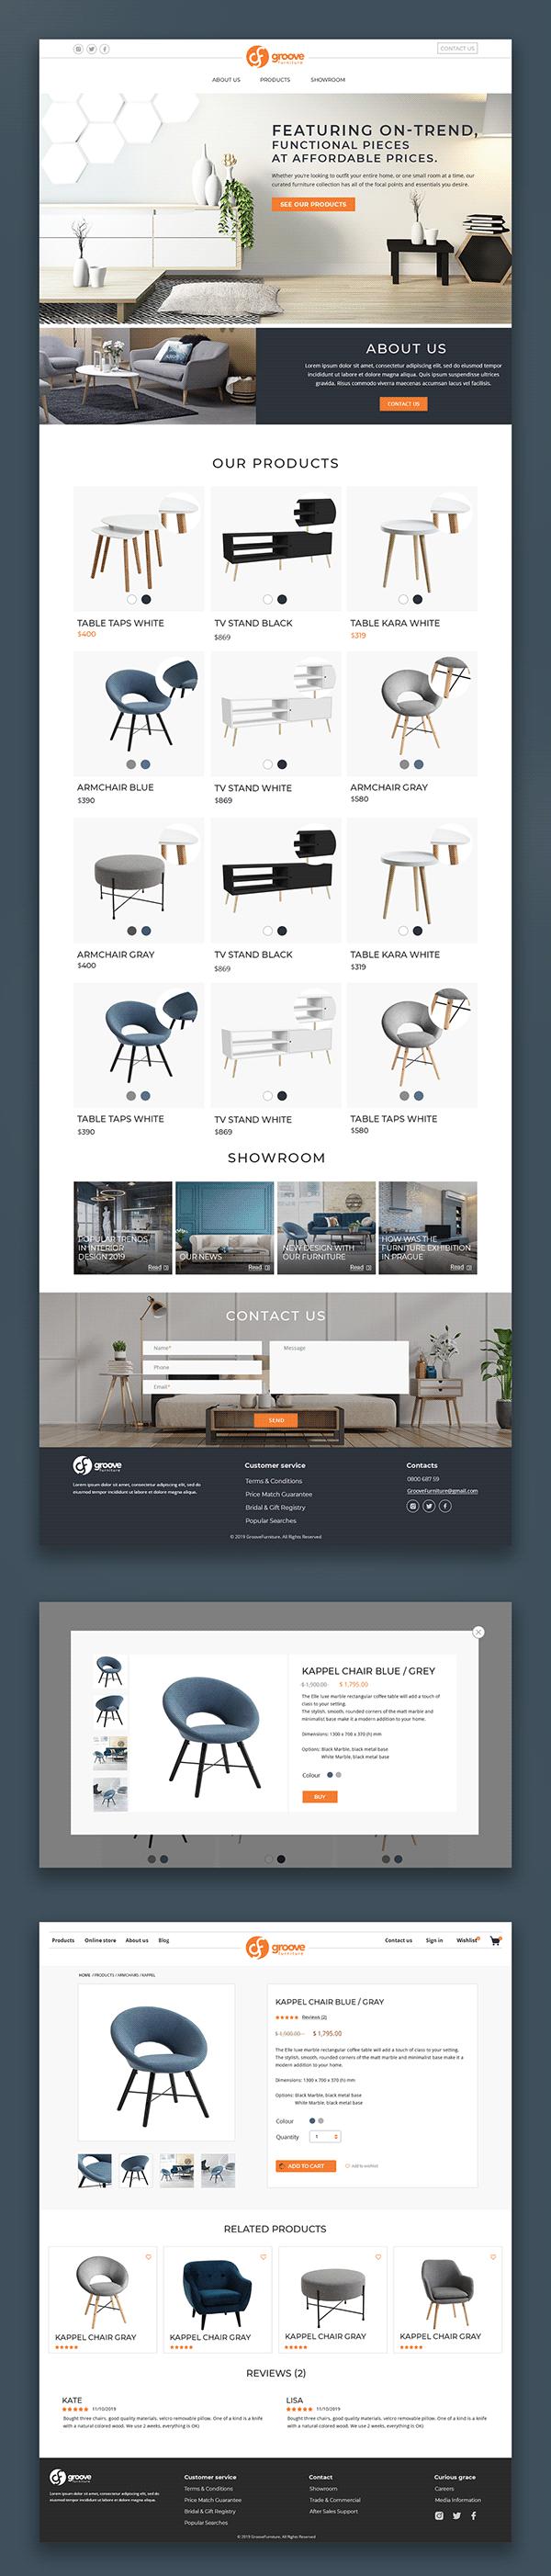 Website design for furniture store